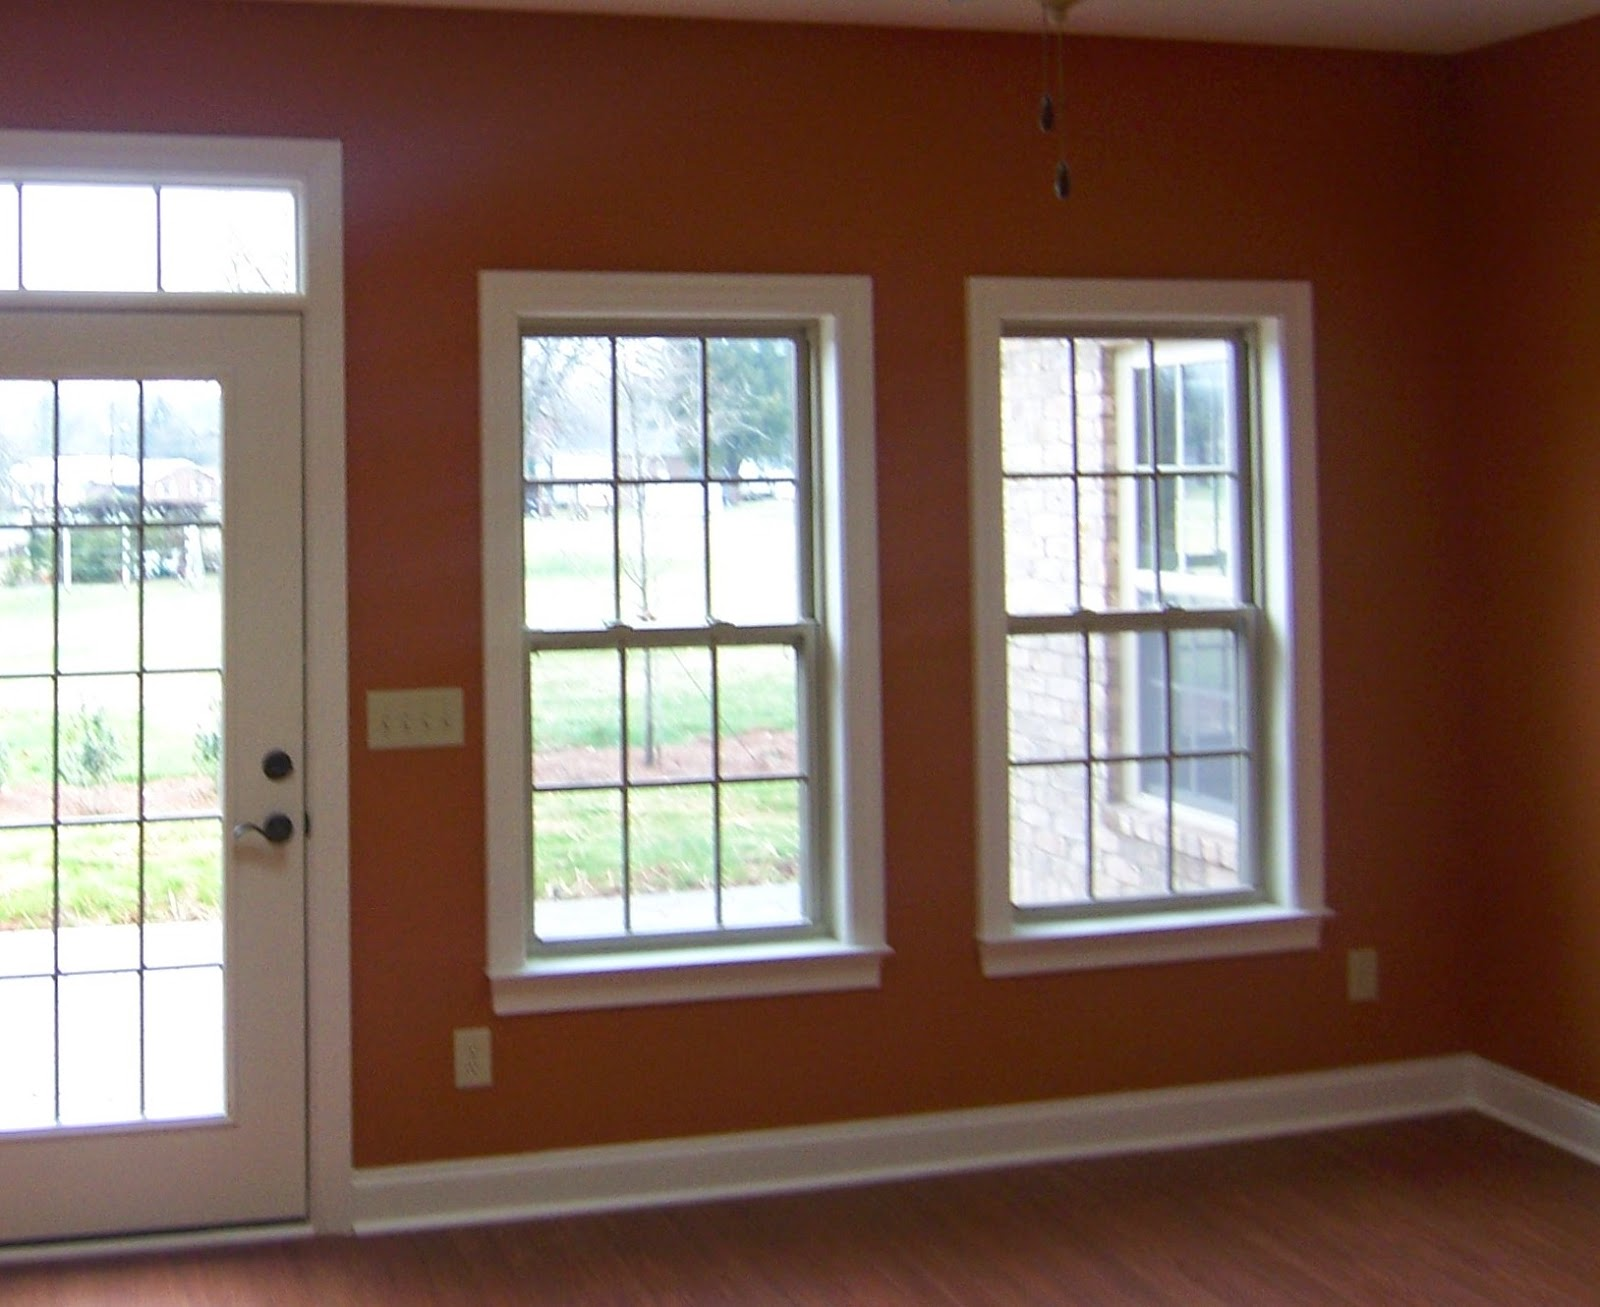 Greensboro interior design window treatments greensboro for Normal window design